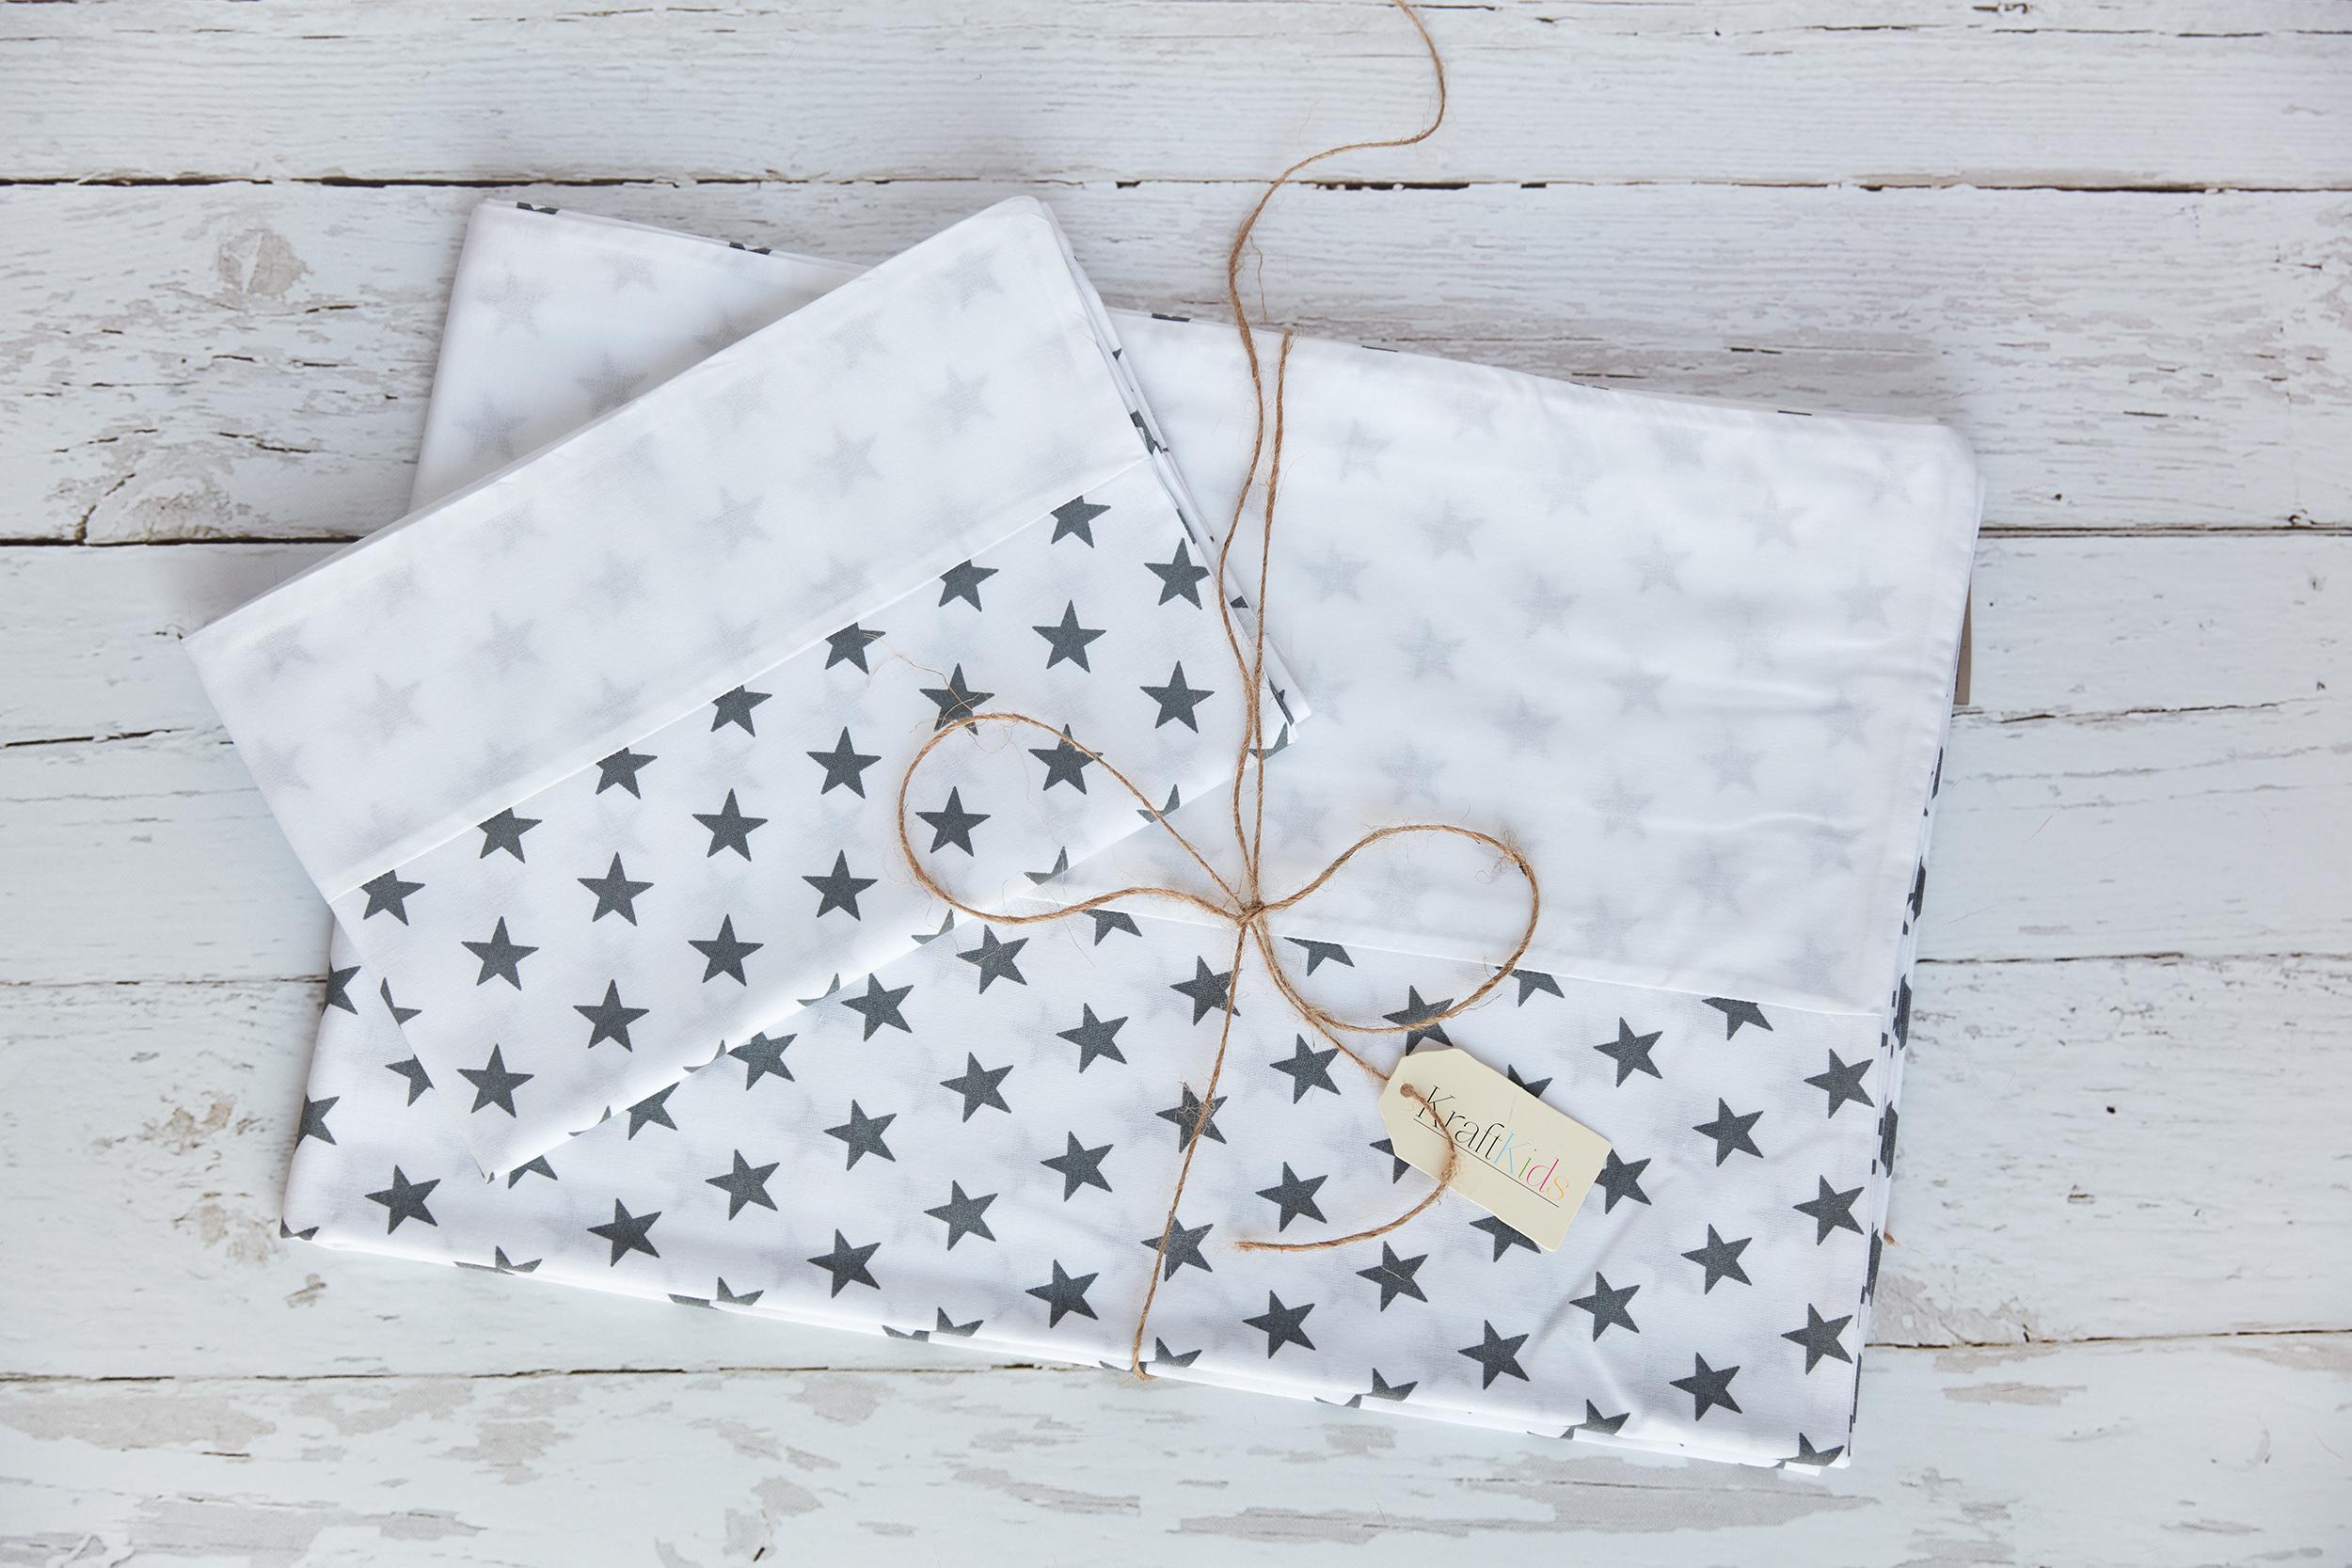 KraftKids Bettwäscheset Uniweiss und kleine graue Sterne auf Weiss 100 x 135 cm, Kissen 40 x 60 cm